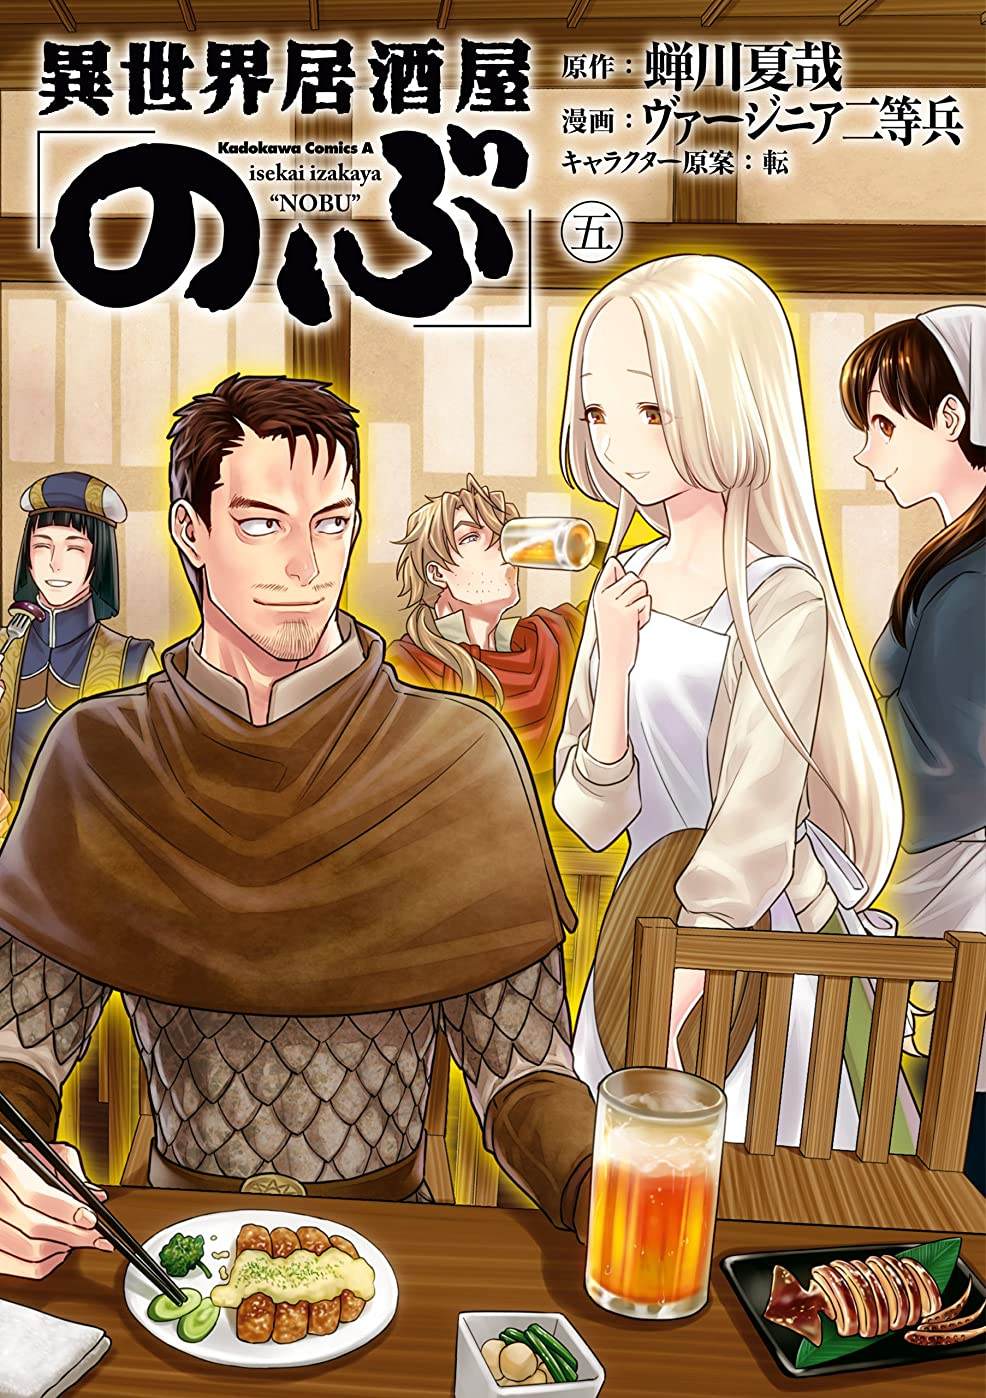 終わらせるアルバニー悲観主義者異世界居酒屋「のぶ」(5) (角川コミックス?エース)